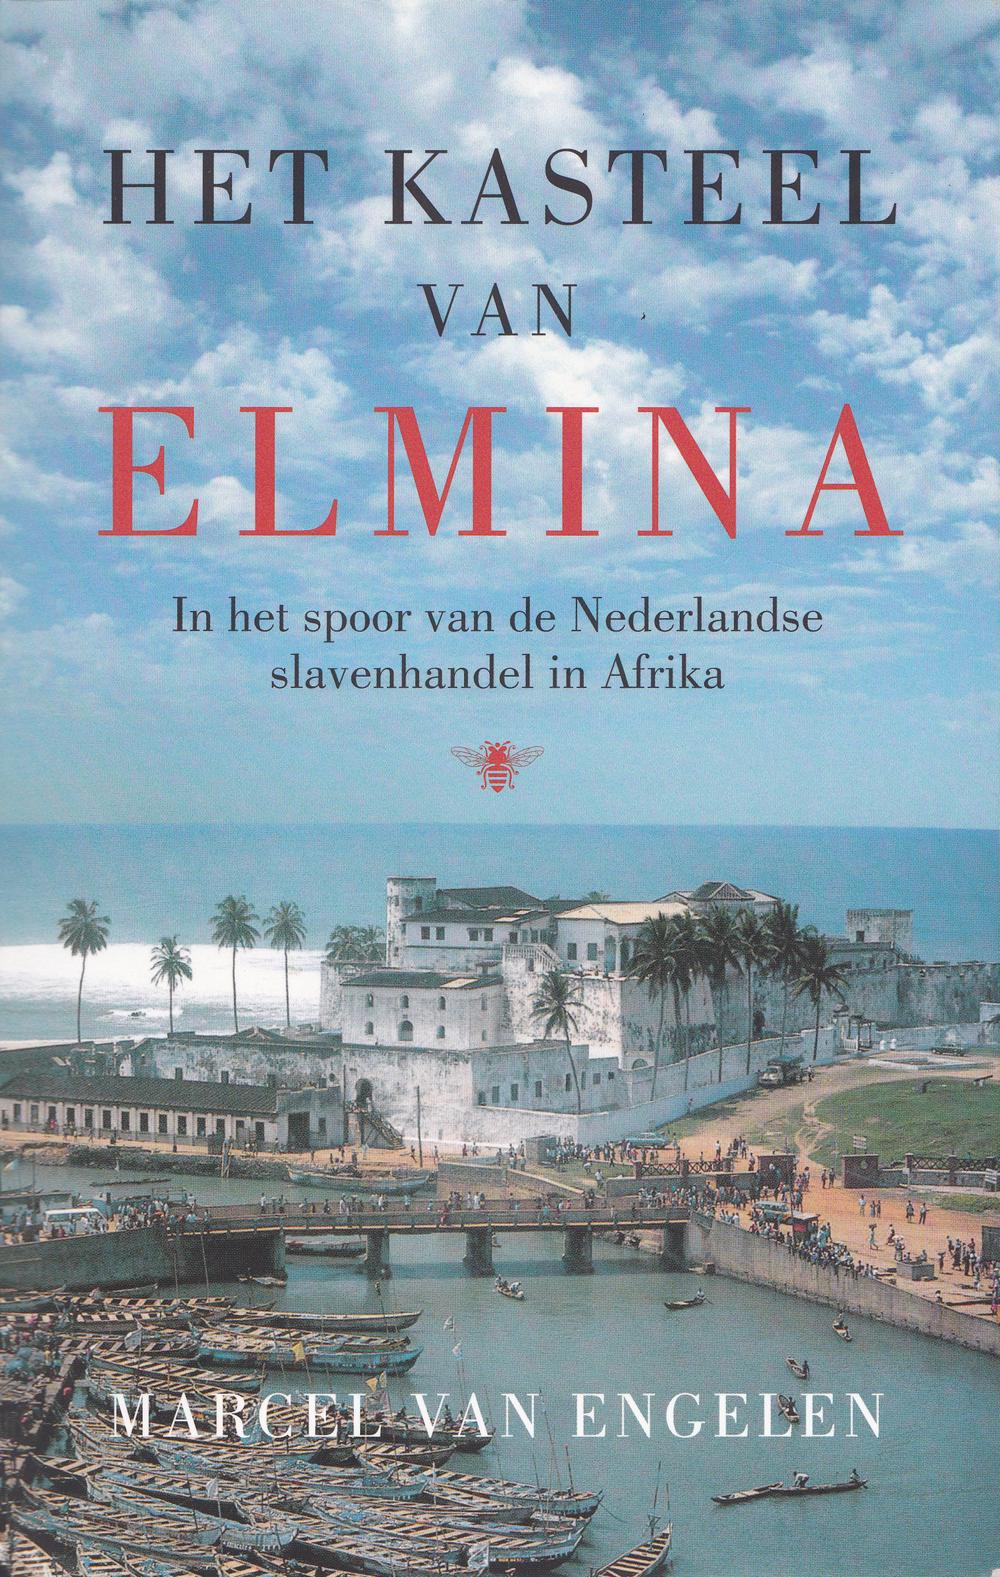 Kasteel van Elmina